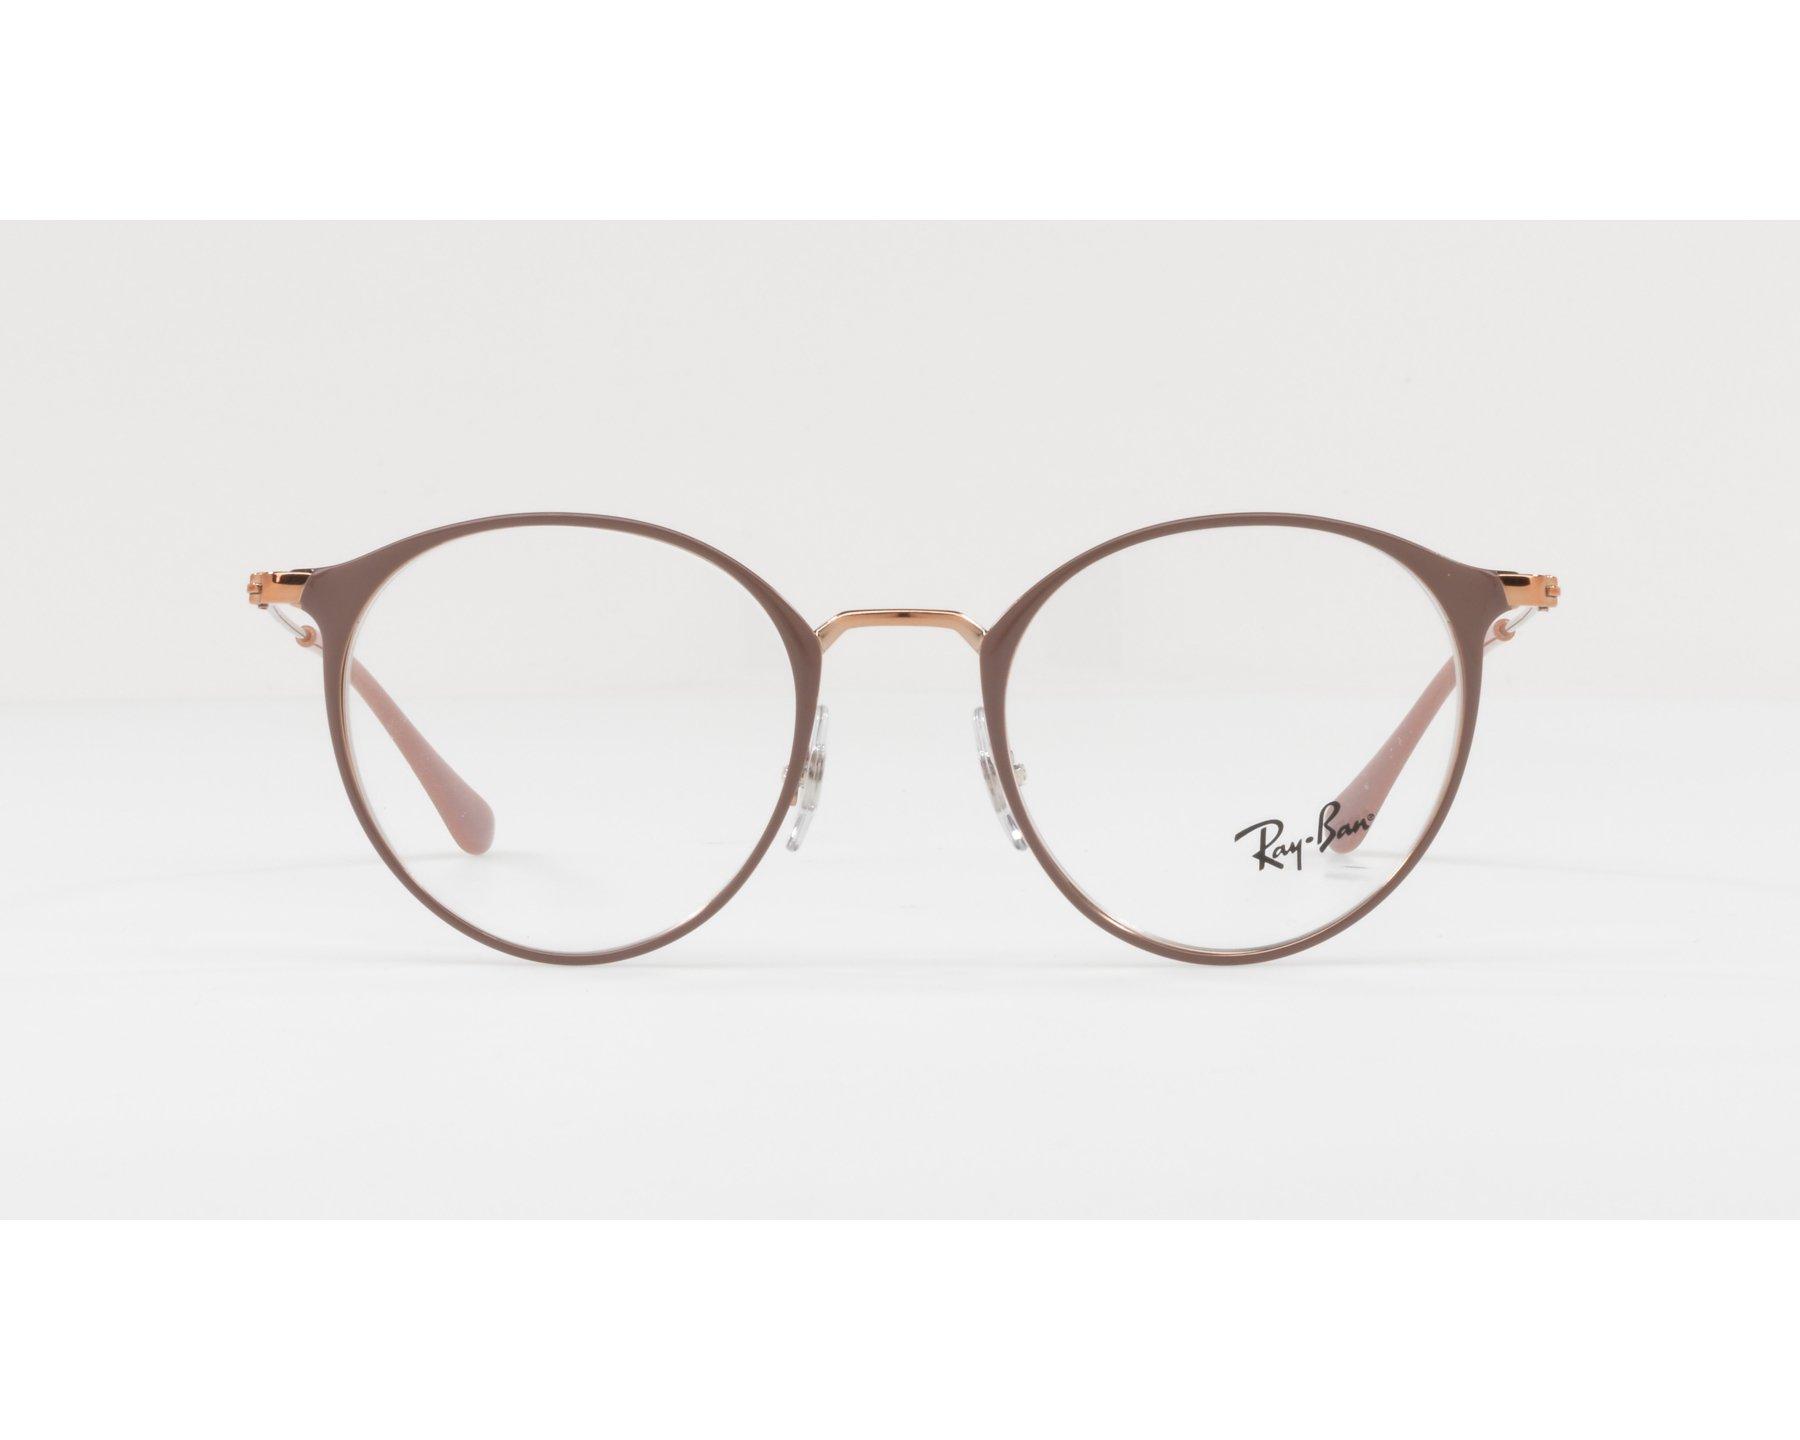 eyeglasses Ray-Ban RX-6378 2973 47-21 Ochre Copper 360 degree view 4078860ac2e8